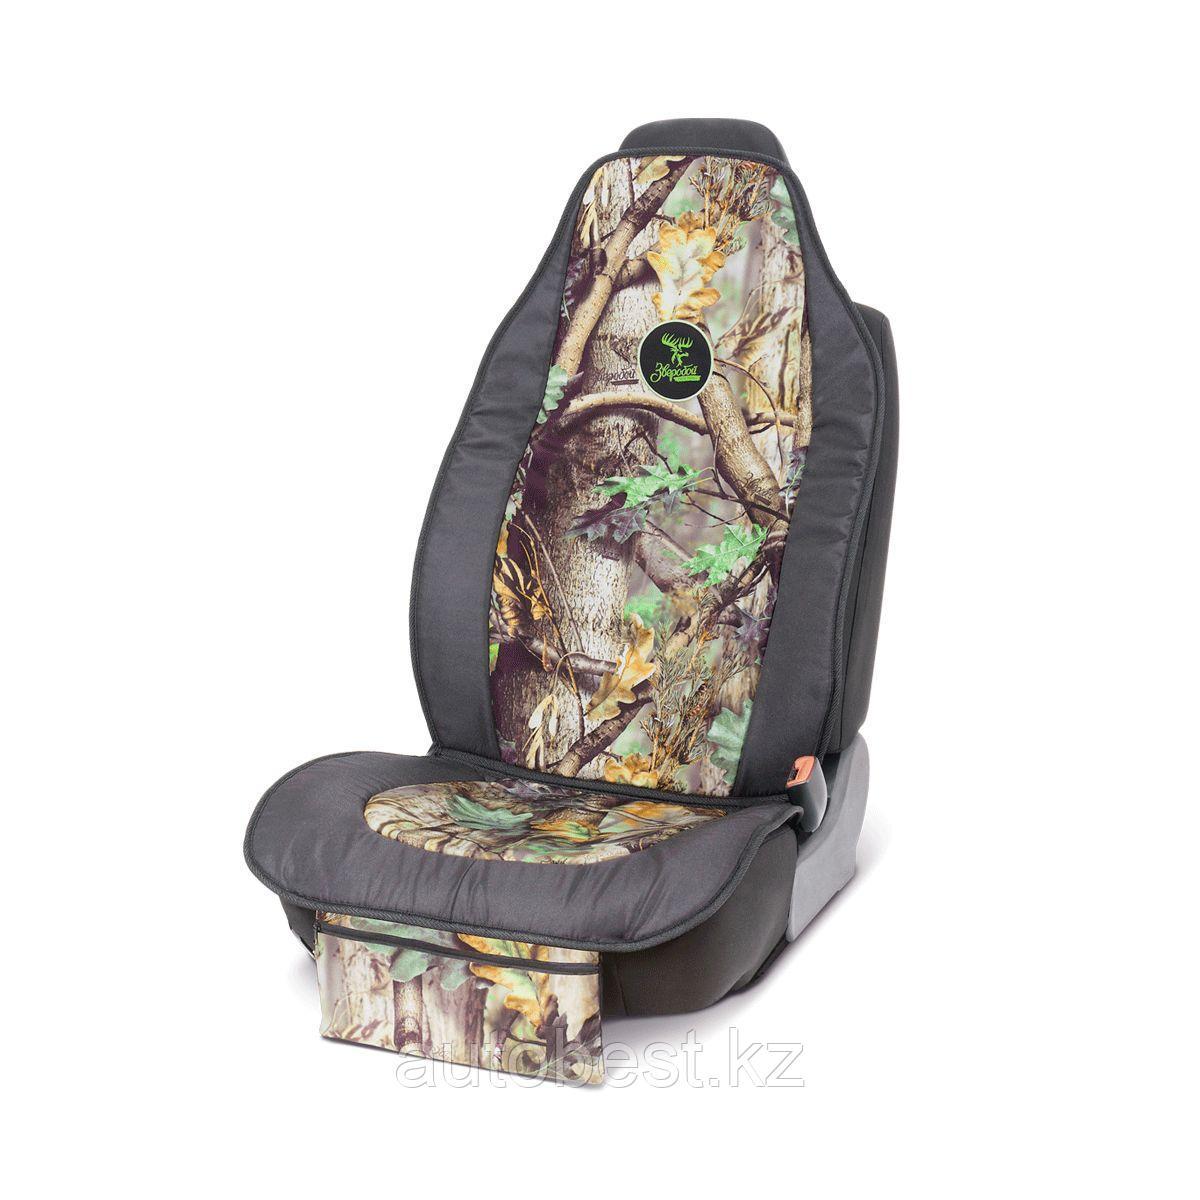 Чехол накидка на перед. сиденье «Зверобой»,  брезентовая ткань, поролон 10 мм,  расцветка «летний камуфляж»